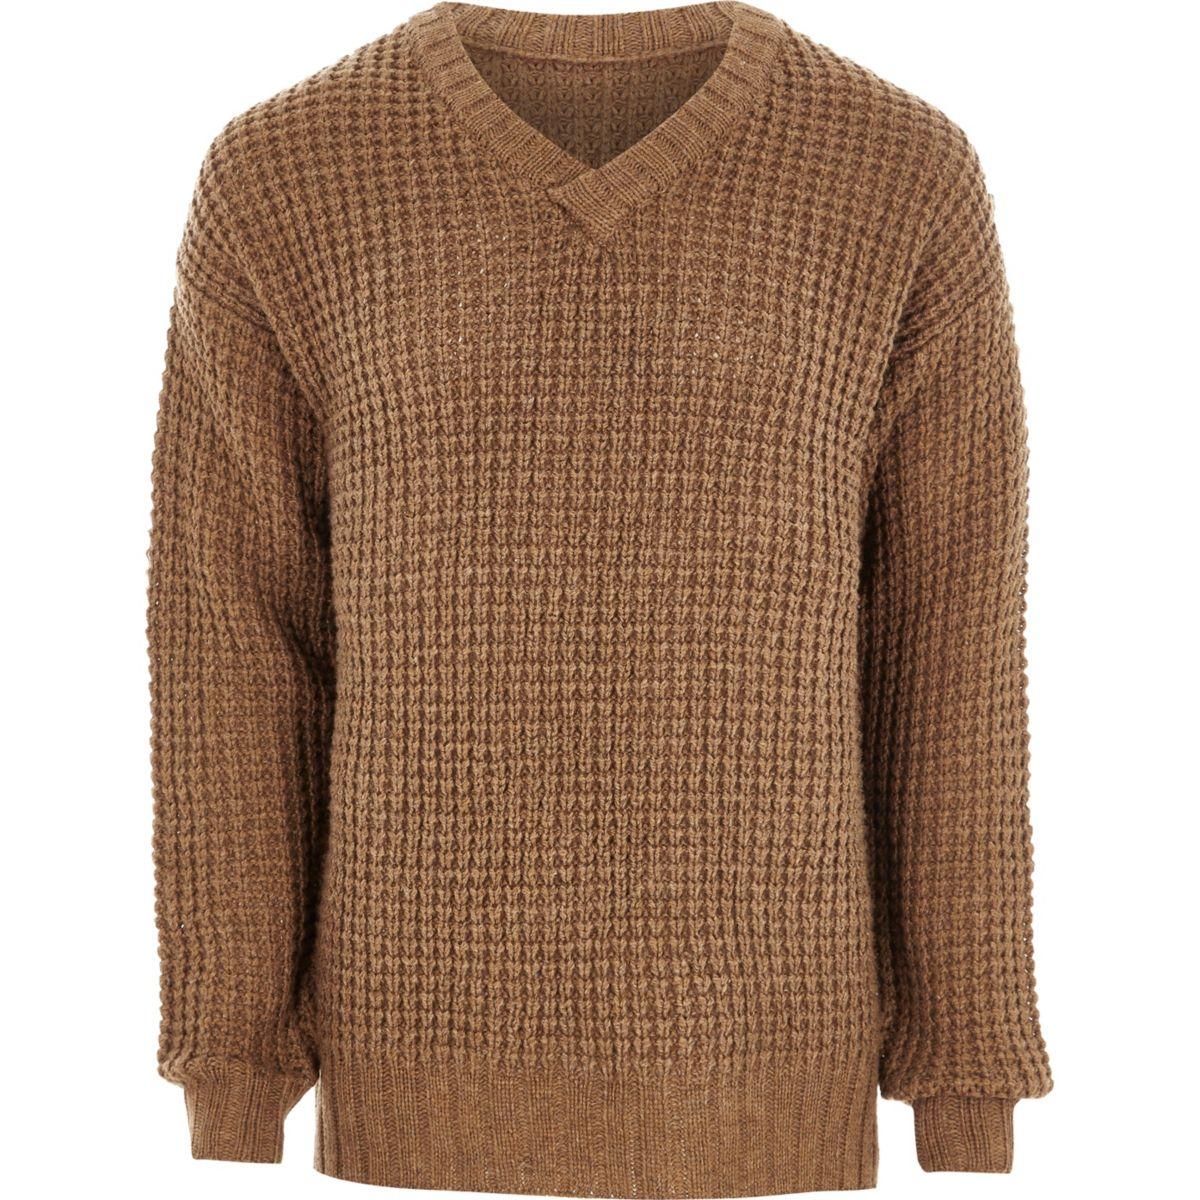 Pullover in Creme mit V-Ausschnitt